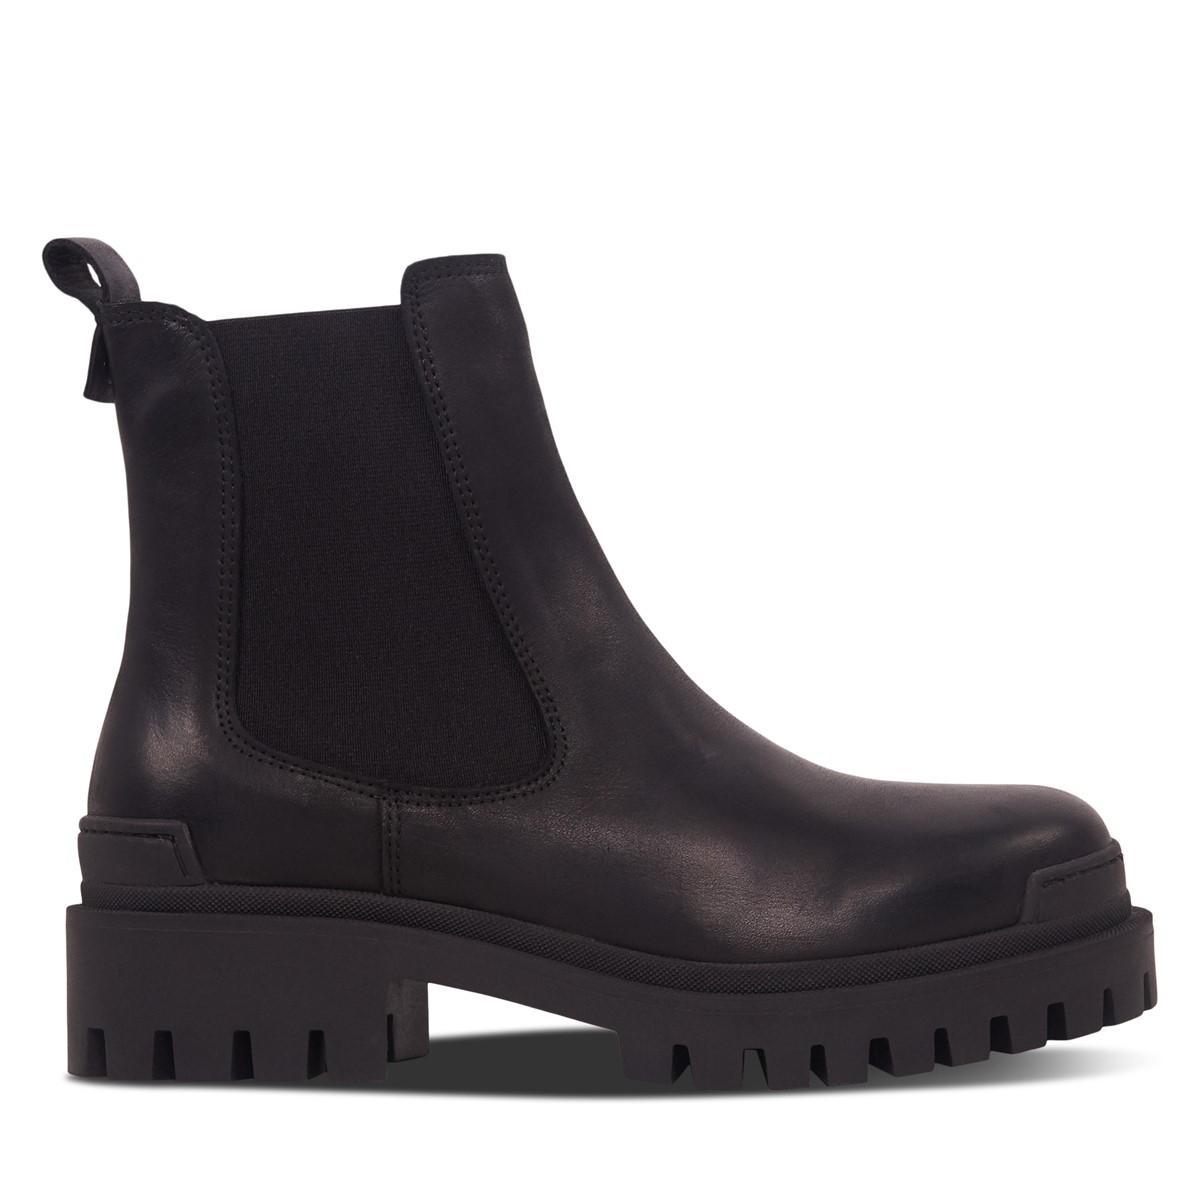 Women's Peneloppe Chelsea Boots in Black